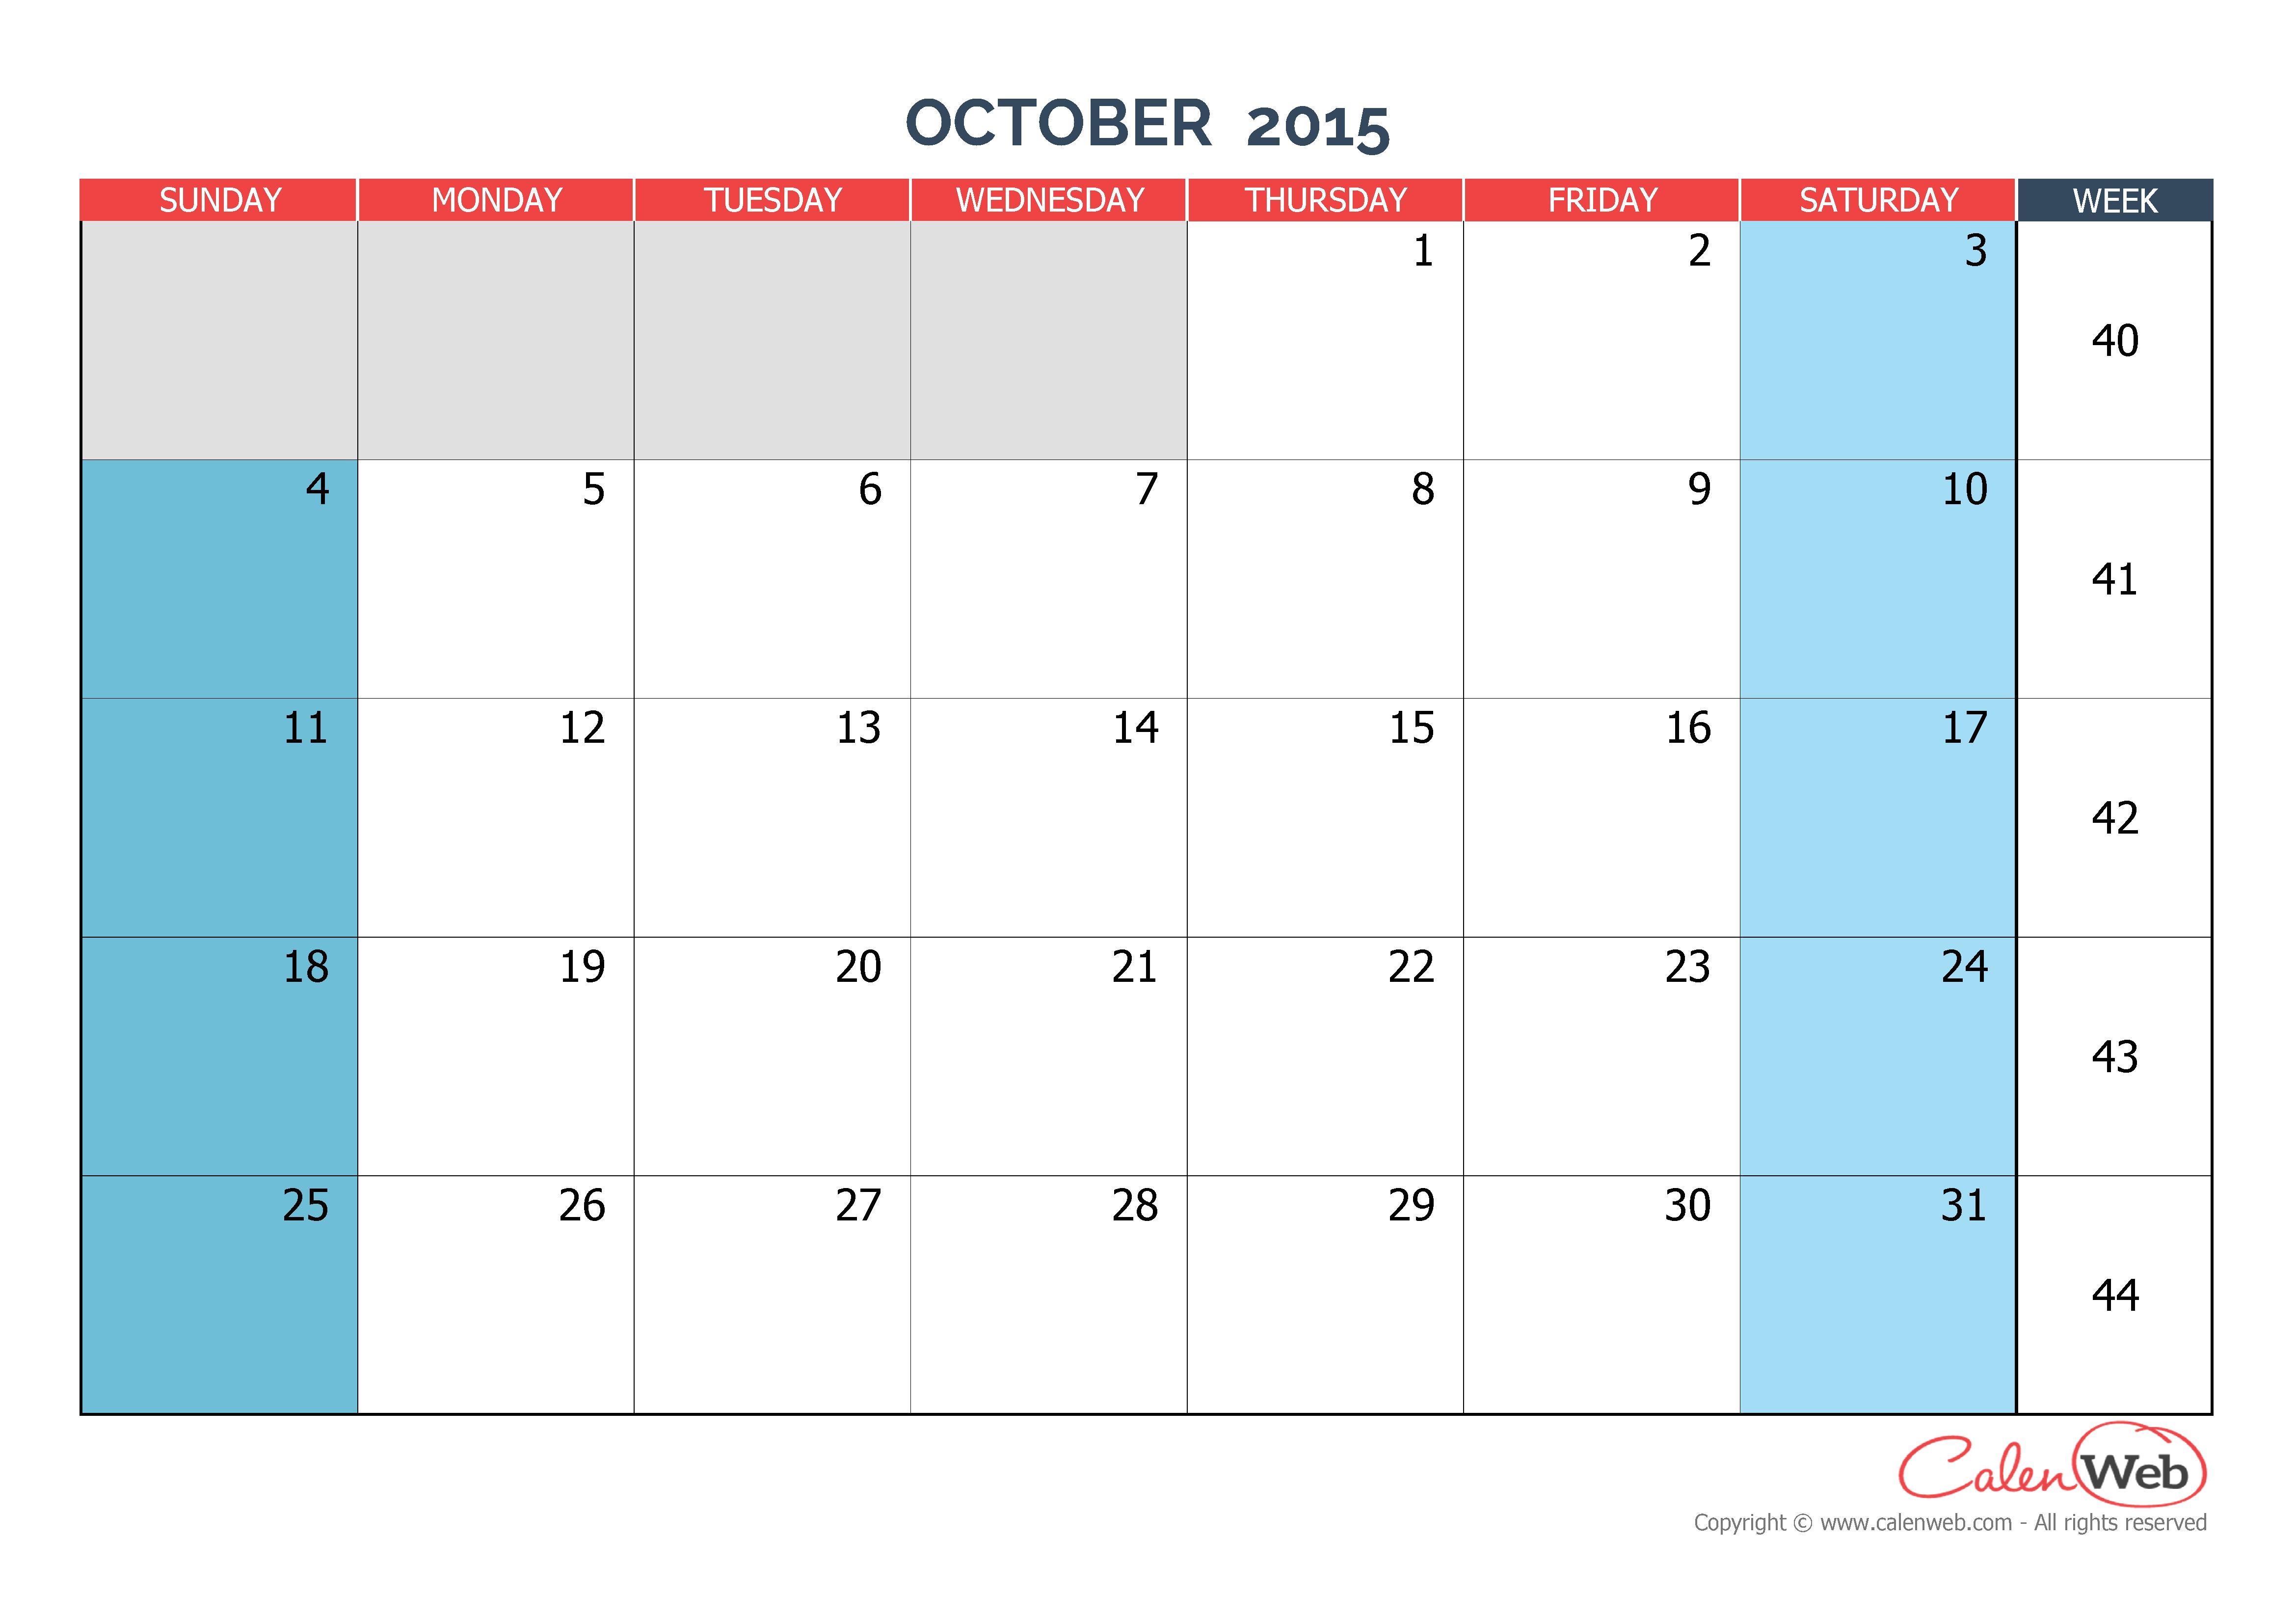 australian calendar template 2015 - monthly calendar month of october 2015 the week starts